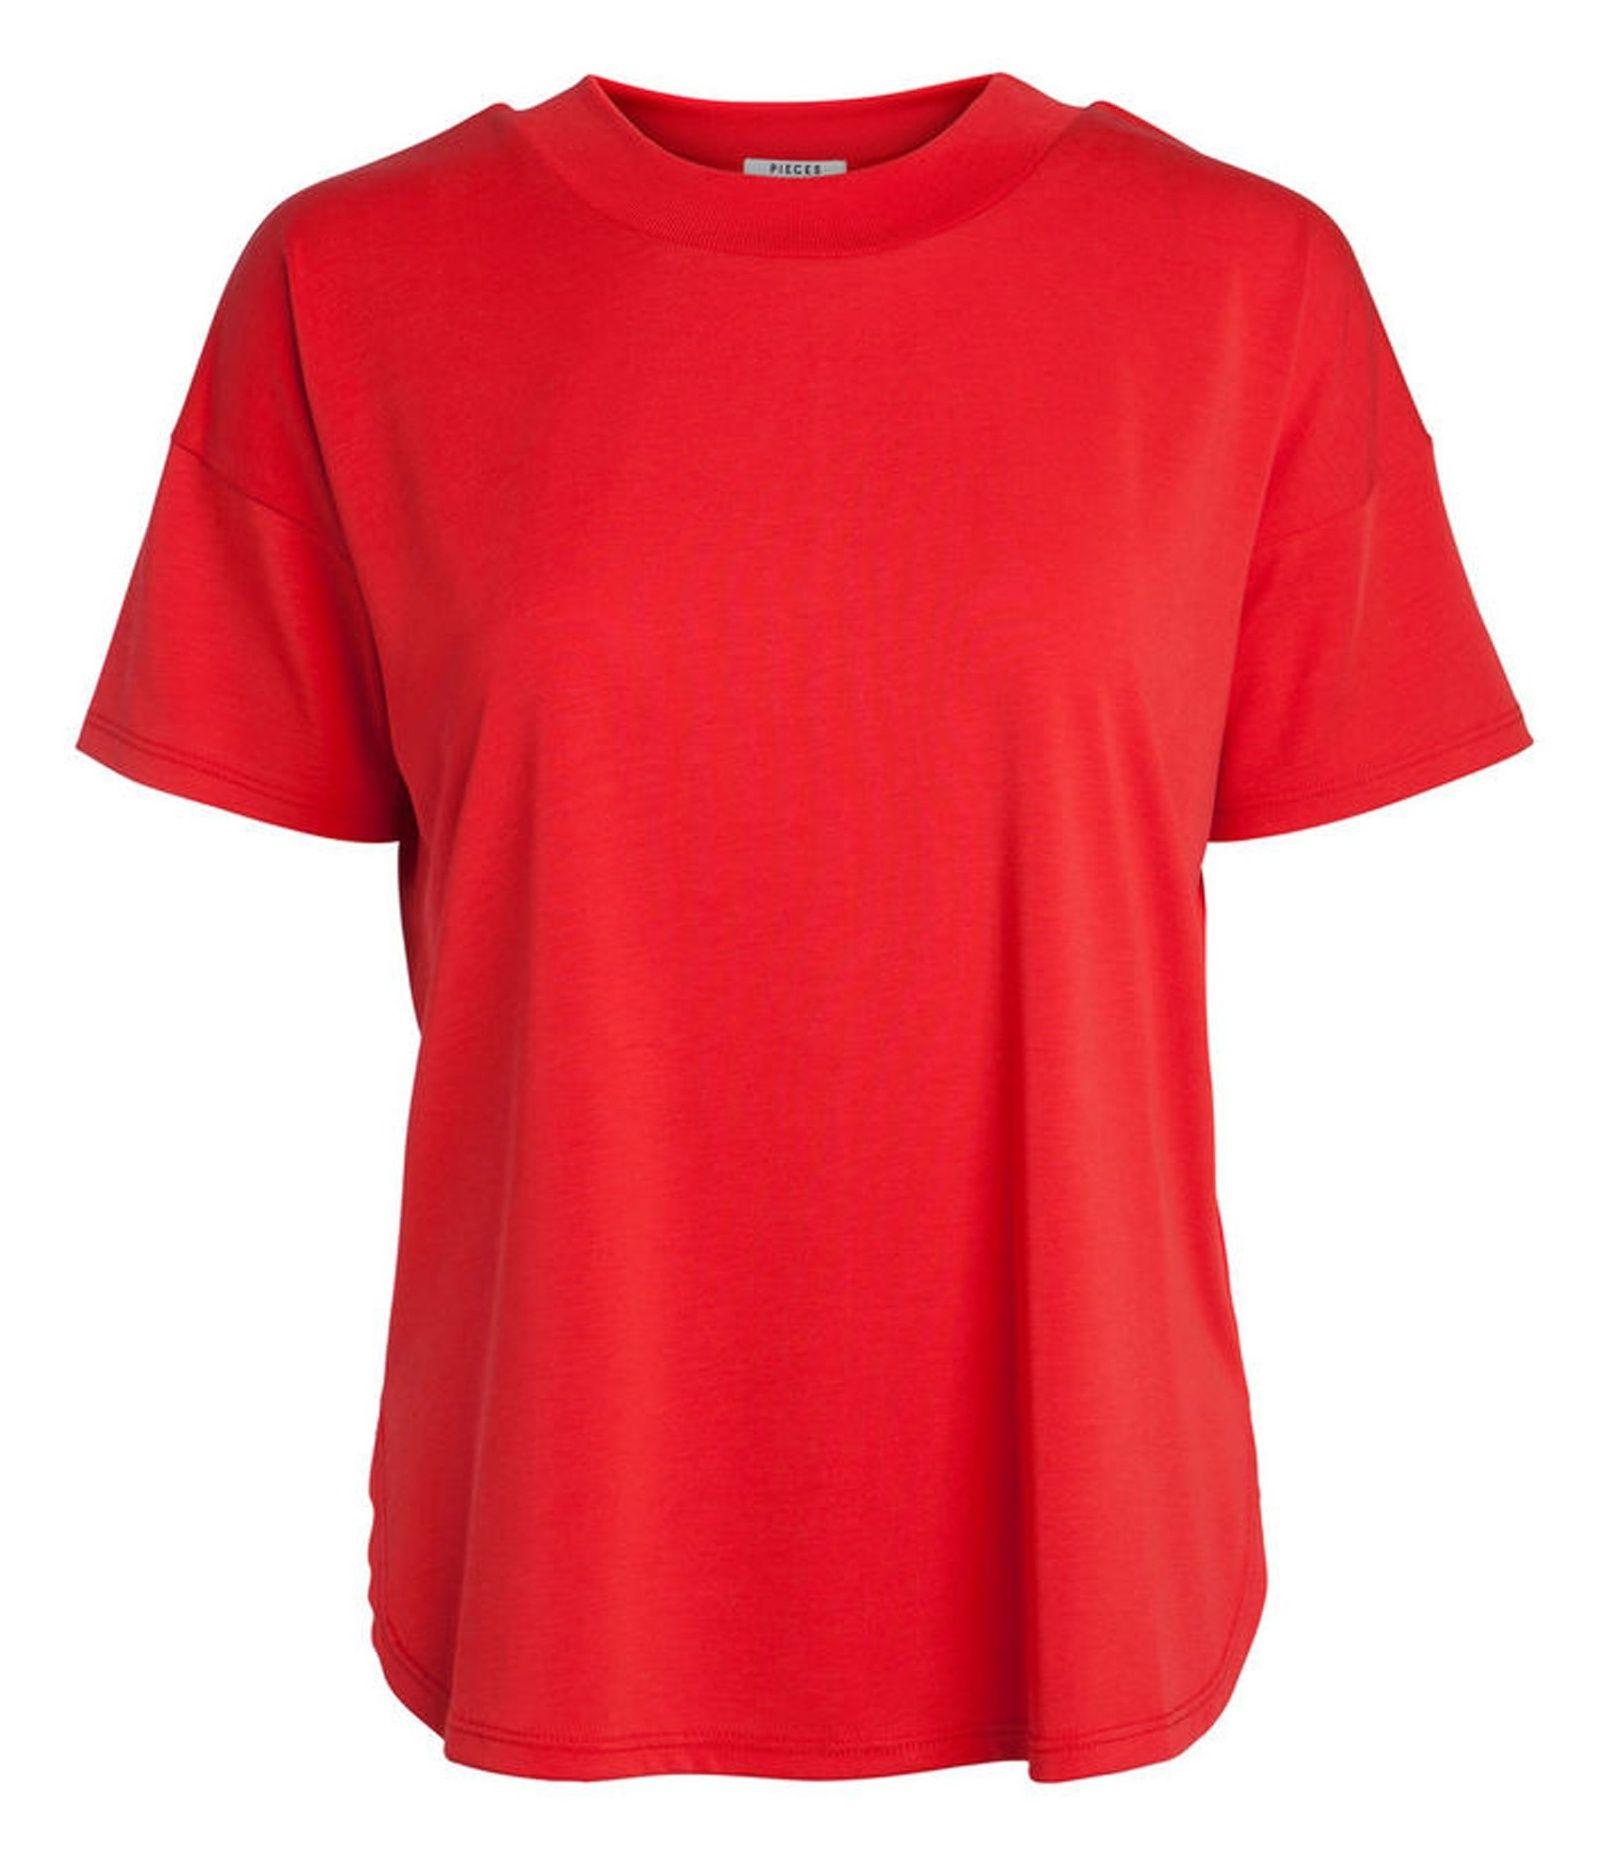 تی شرت یقه گرد زنانه - پی سز - قرمز - 1